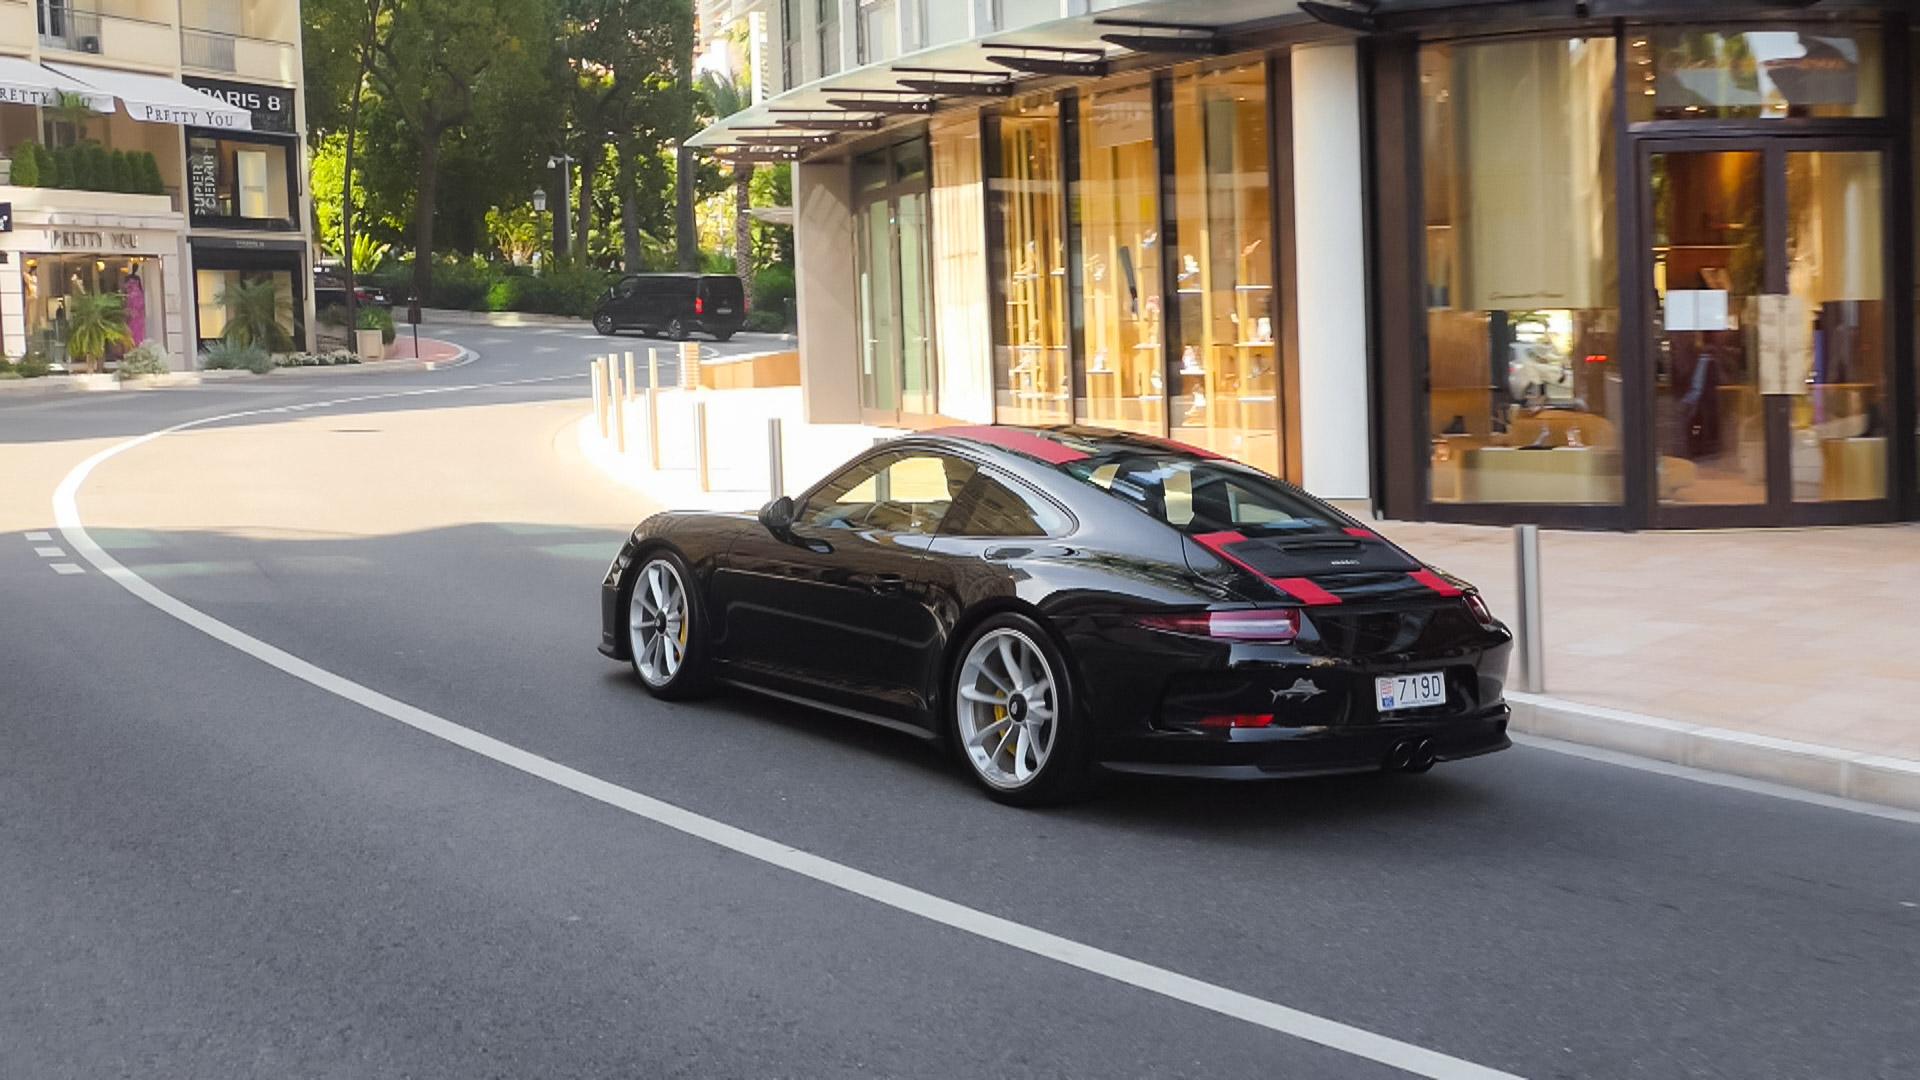 Porsche 911 R - 719D (MC)